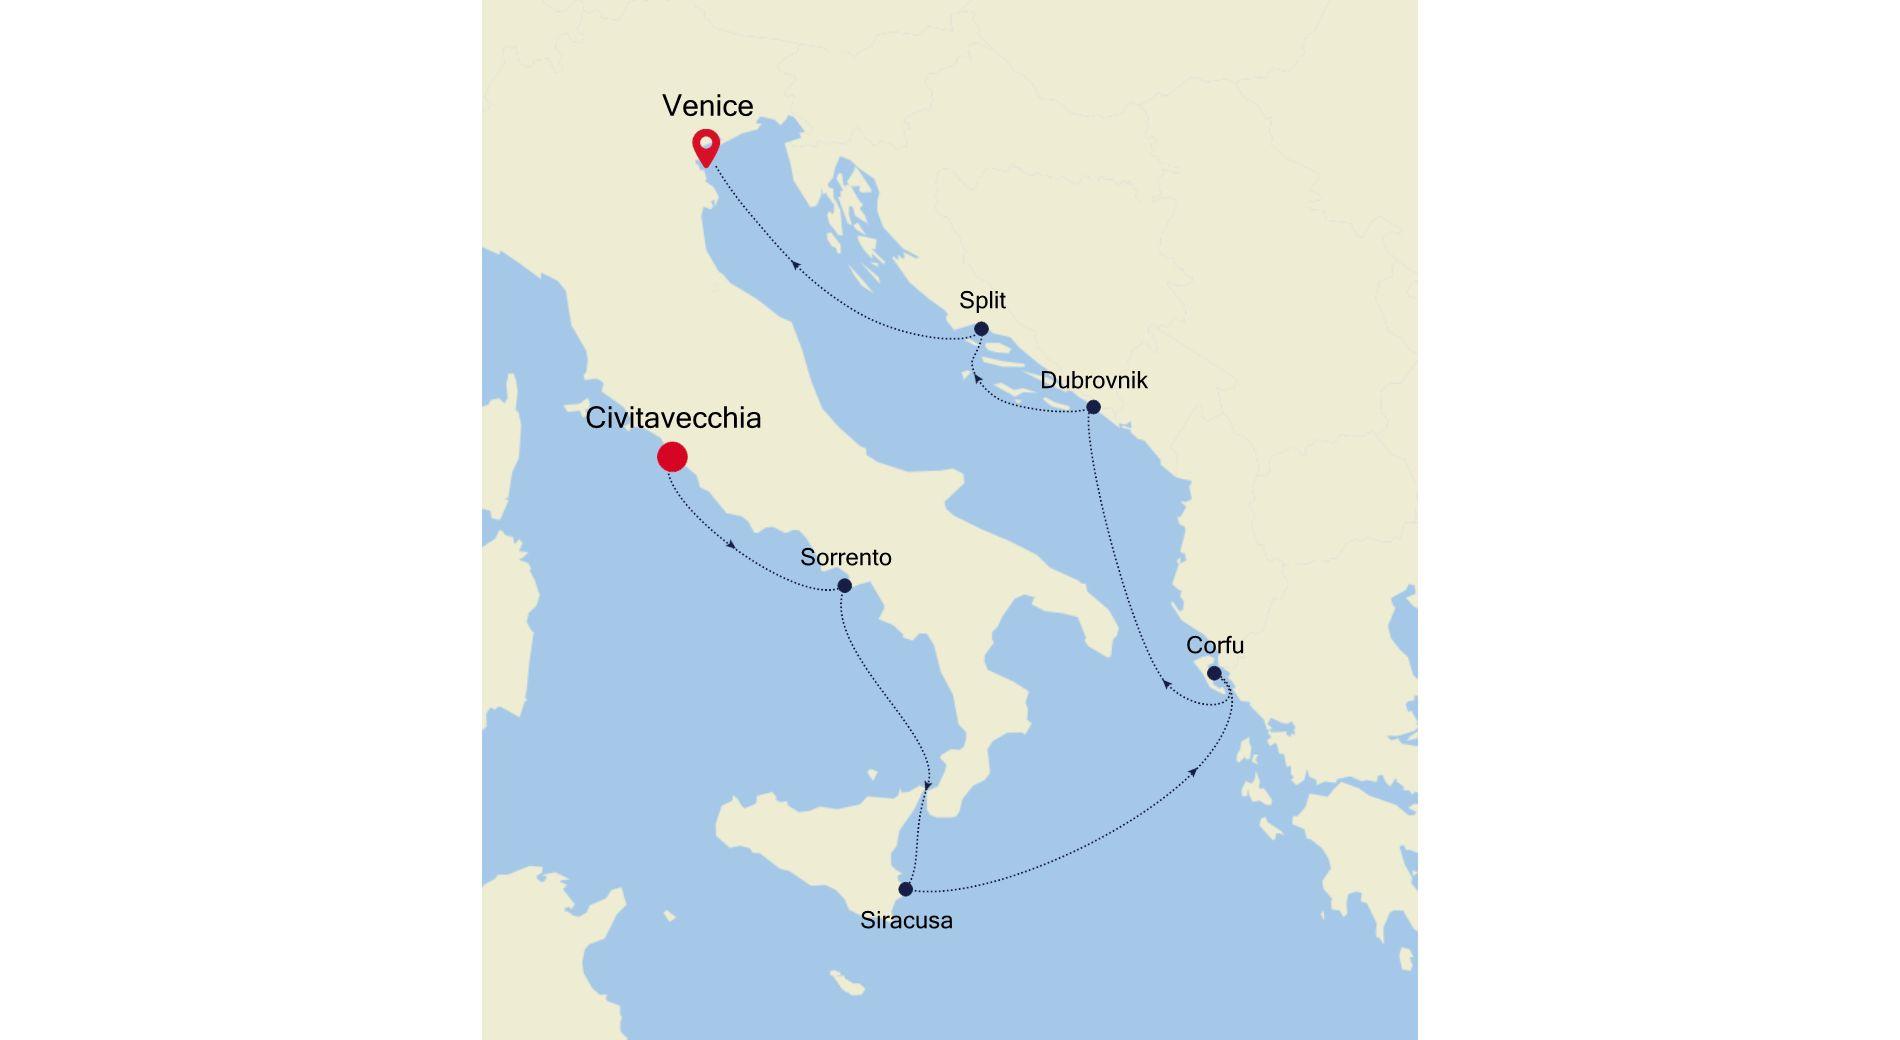 MO210621007 - Civitavecchia nach Venice